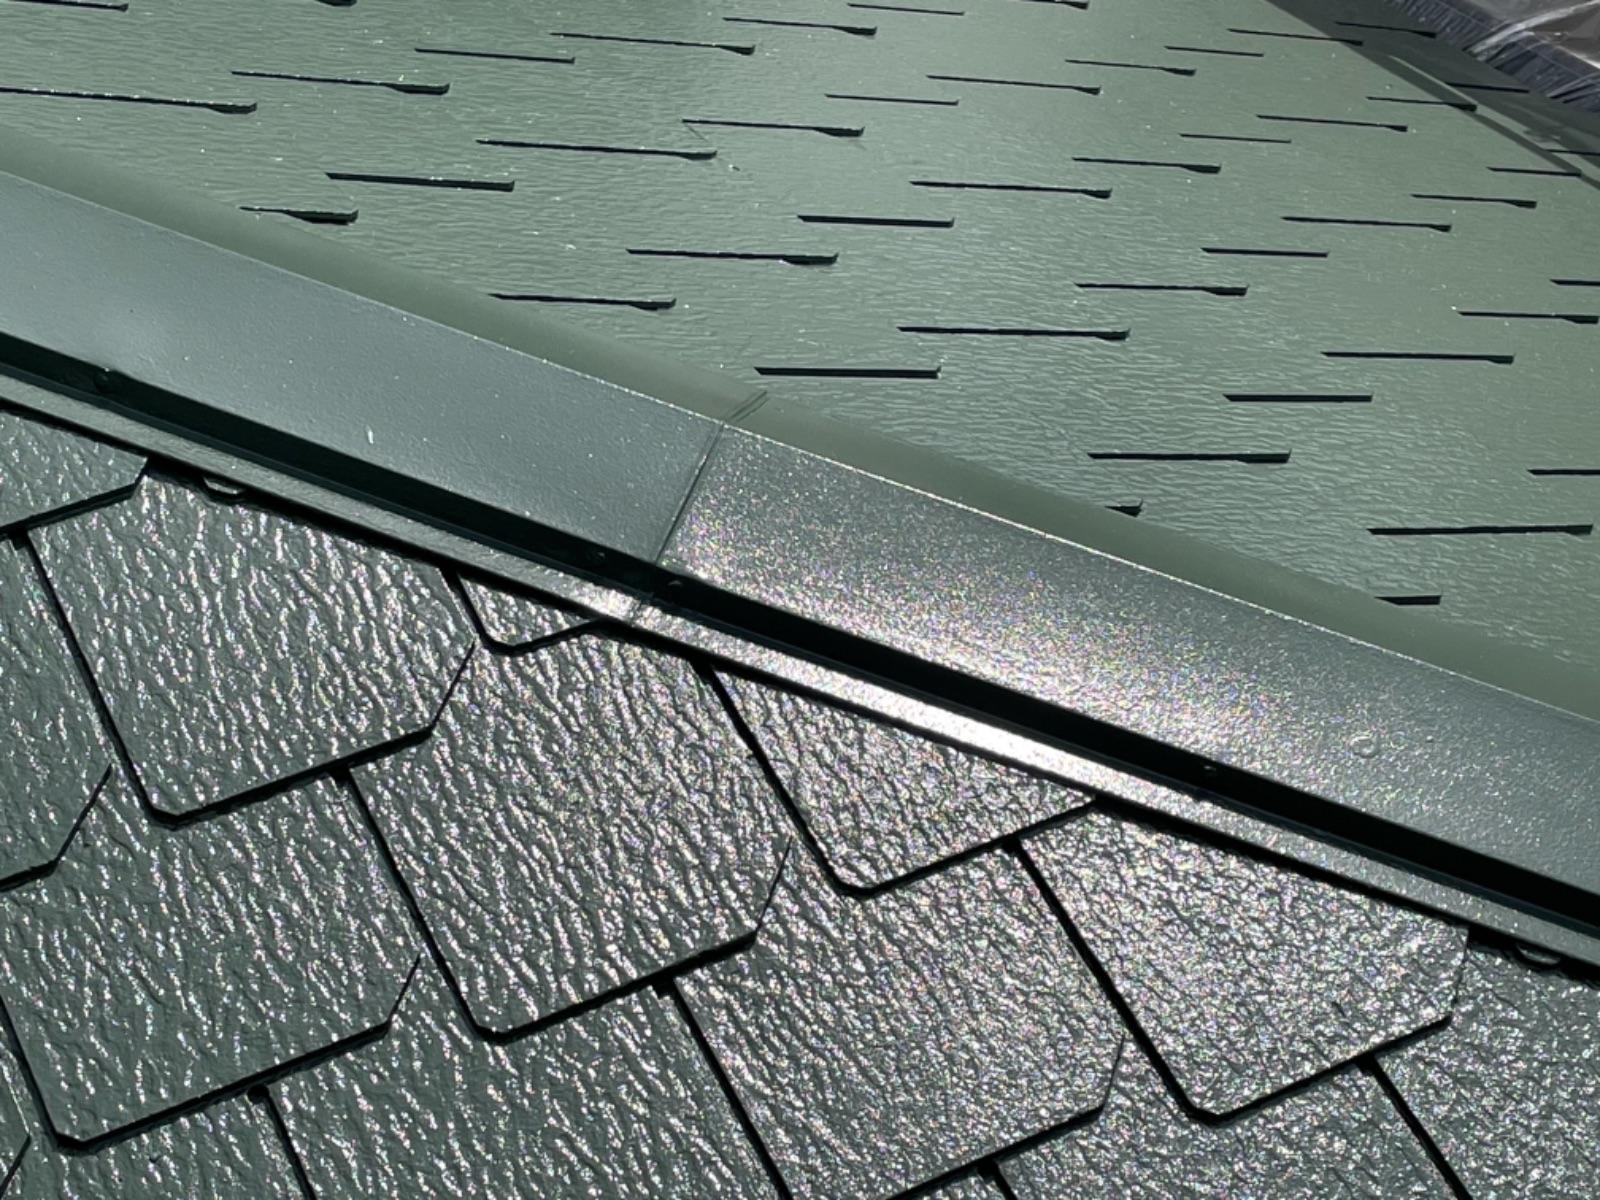 【紀の川市】 M様邸<br>『グリーンの屋根が 上品に輝いています★』4